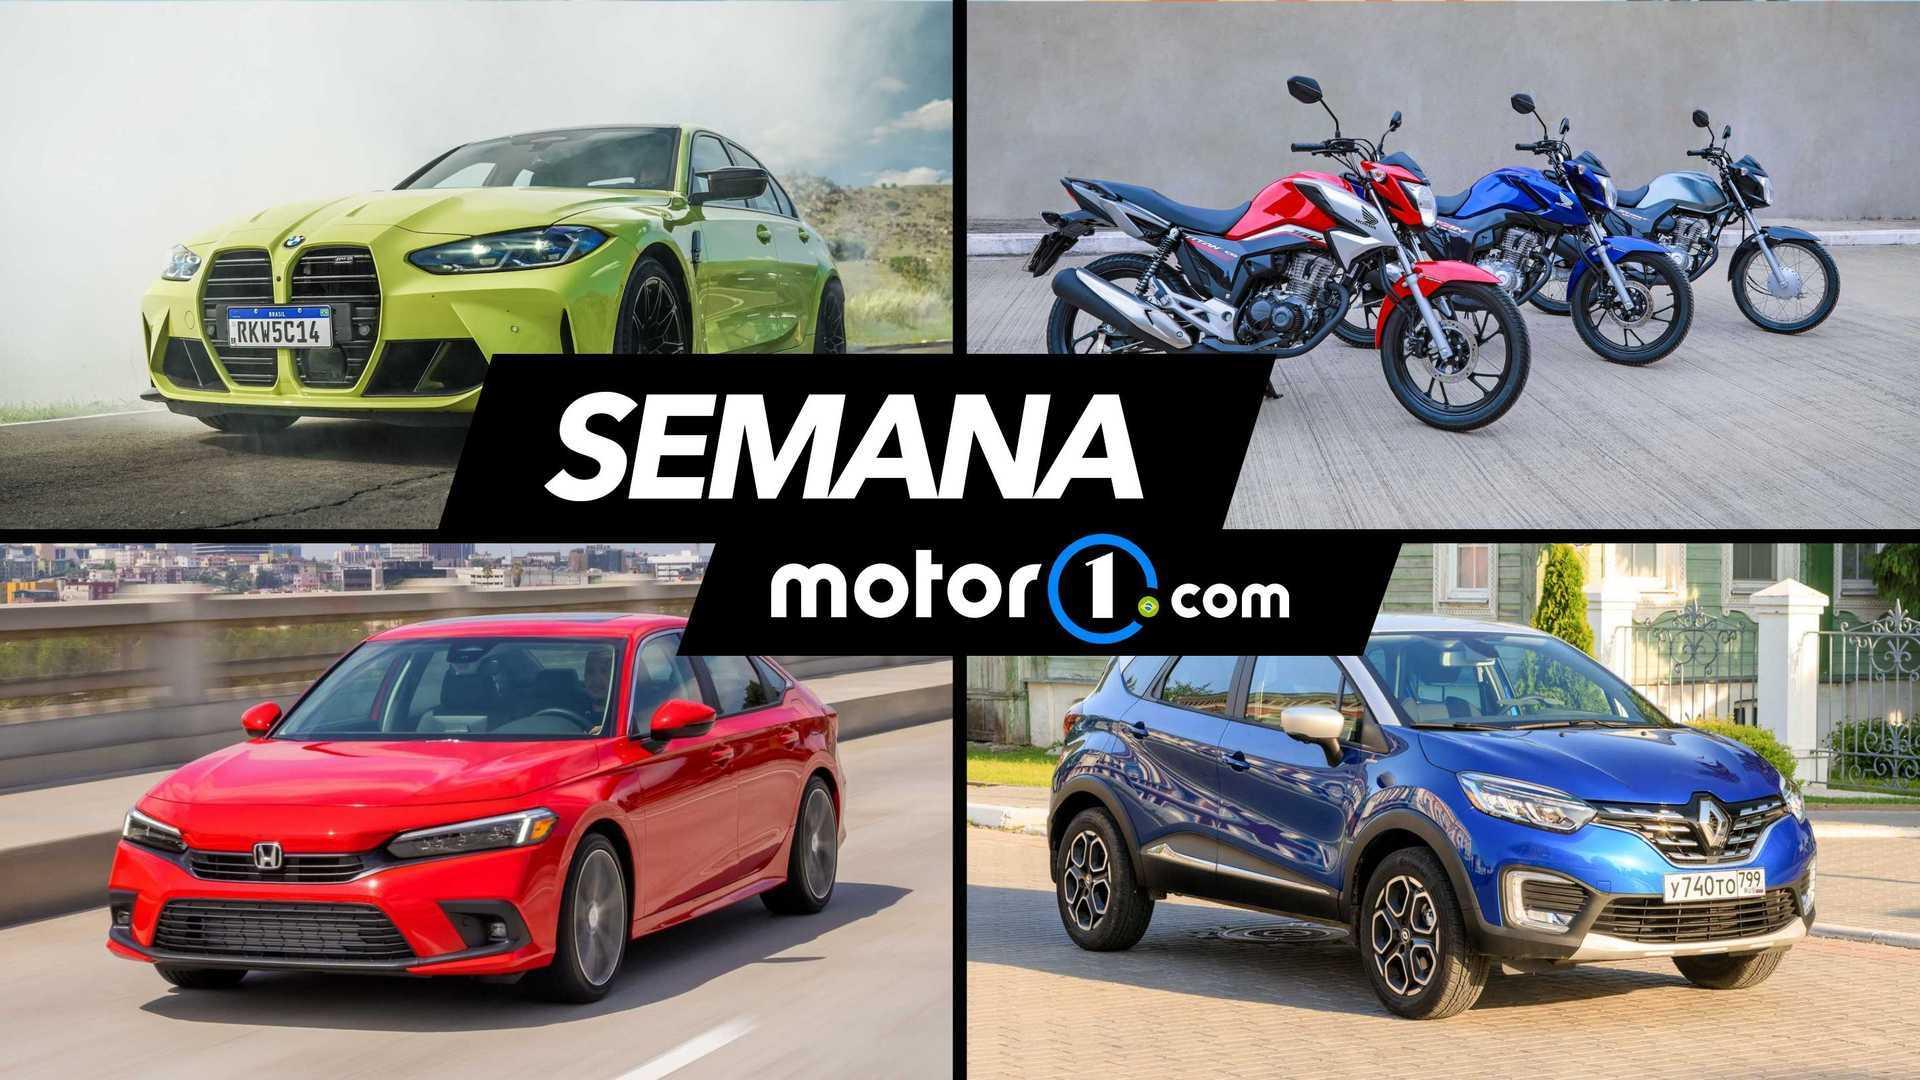 Semana Motor1.com: CG 2022, andamos no Civic 2022, BMW M3 e mais